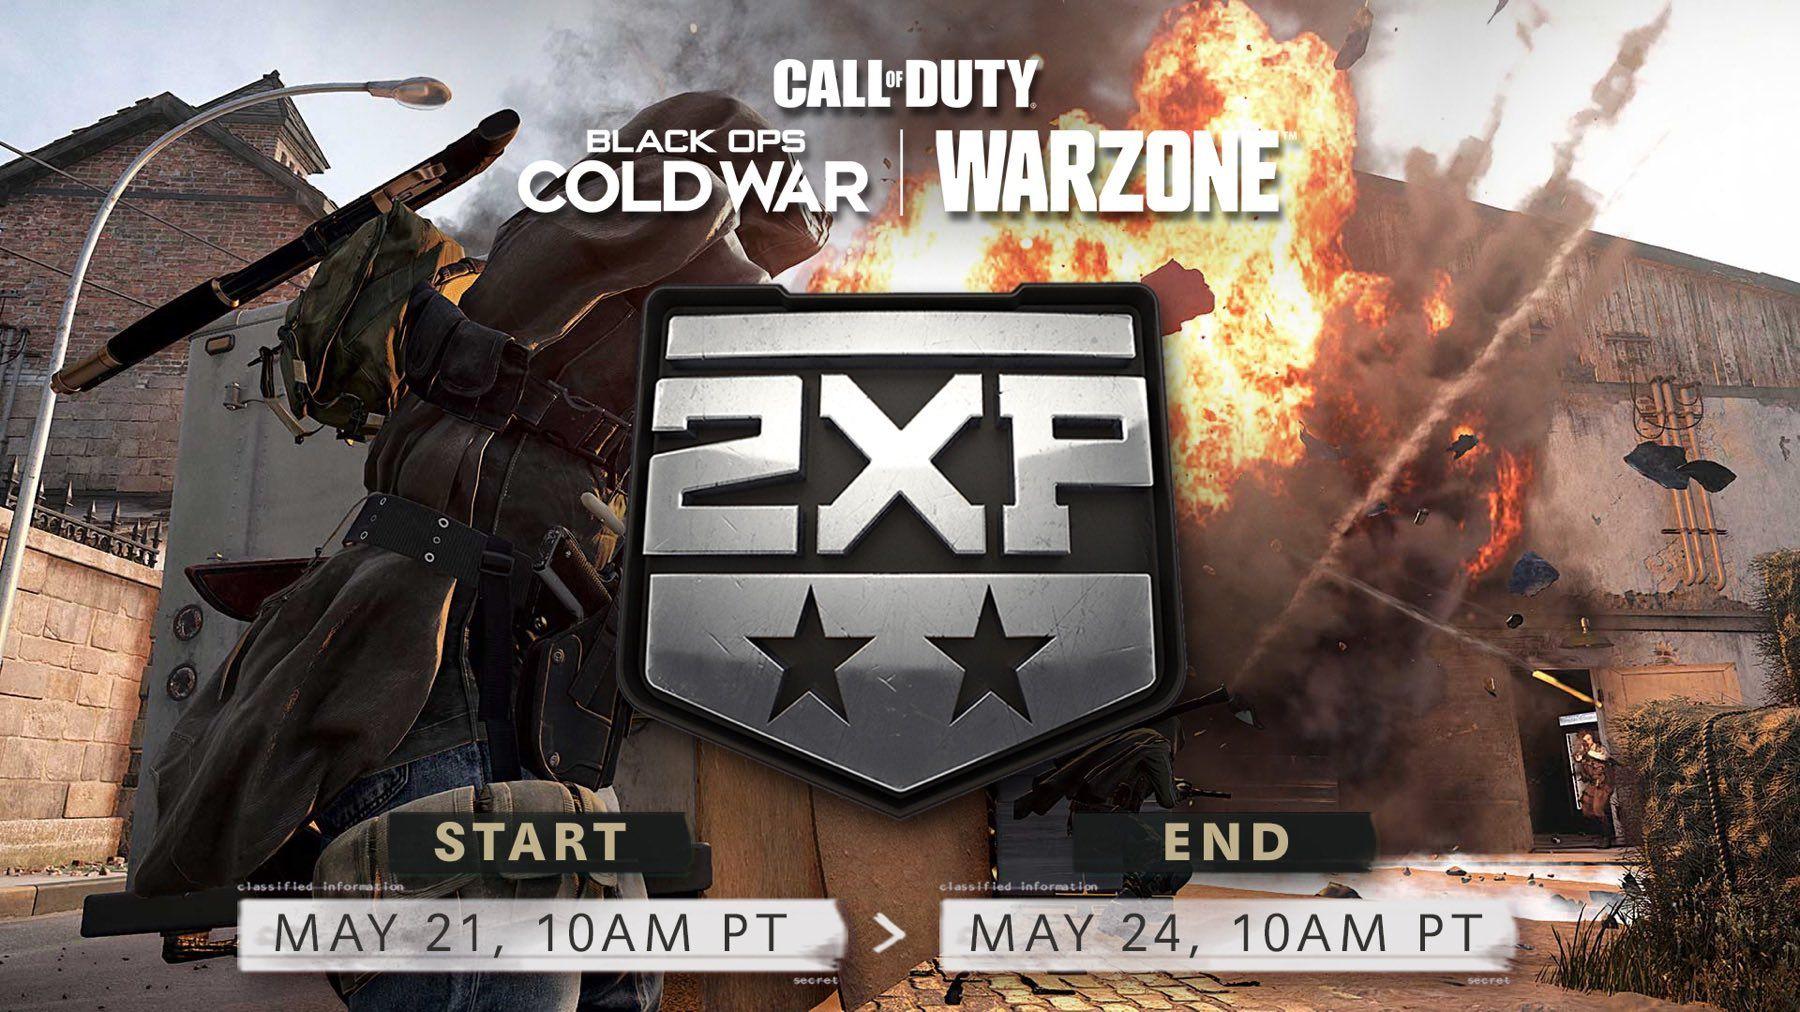 Call of Duty Black Ops Cold War & Warzone: Double XP gratuit ce week-end sur PC, Xbox & PlayStation (Dématérialisé)